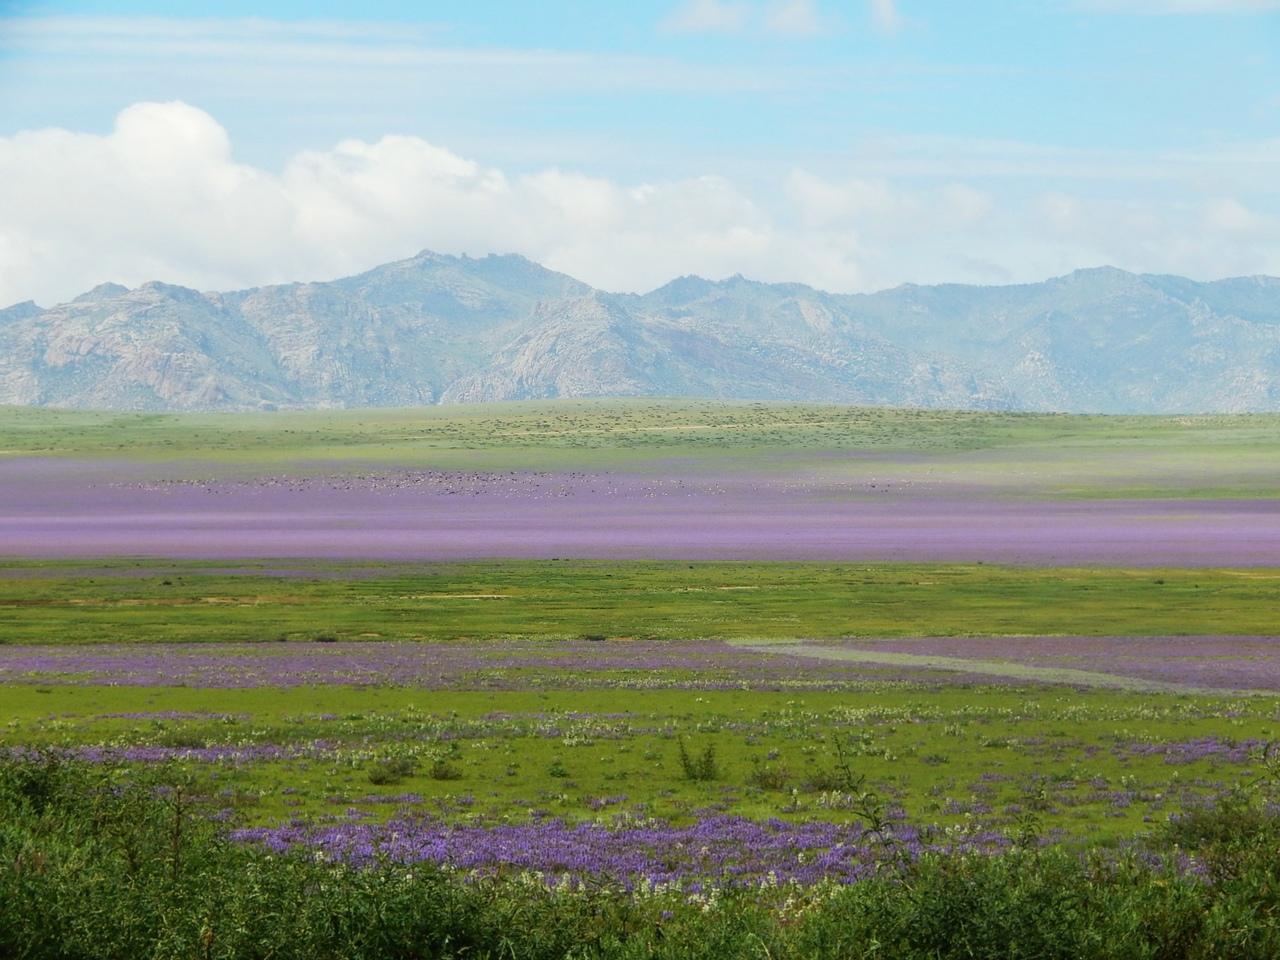 Июльская Монголия. По пути из Улан-Батора в Хархорин .